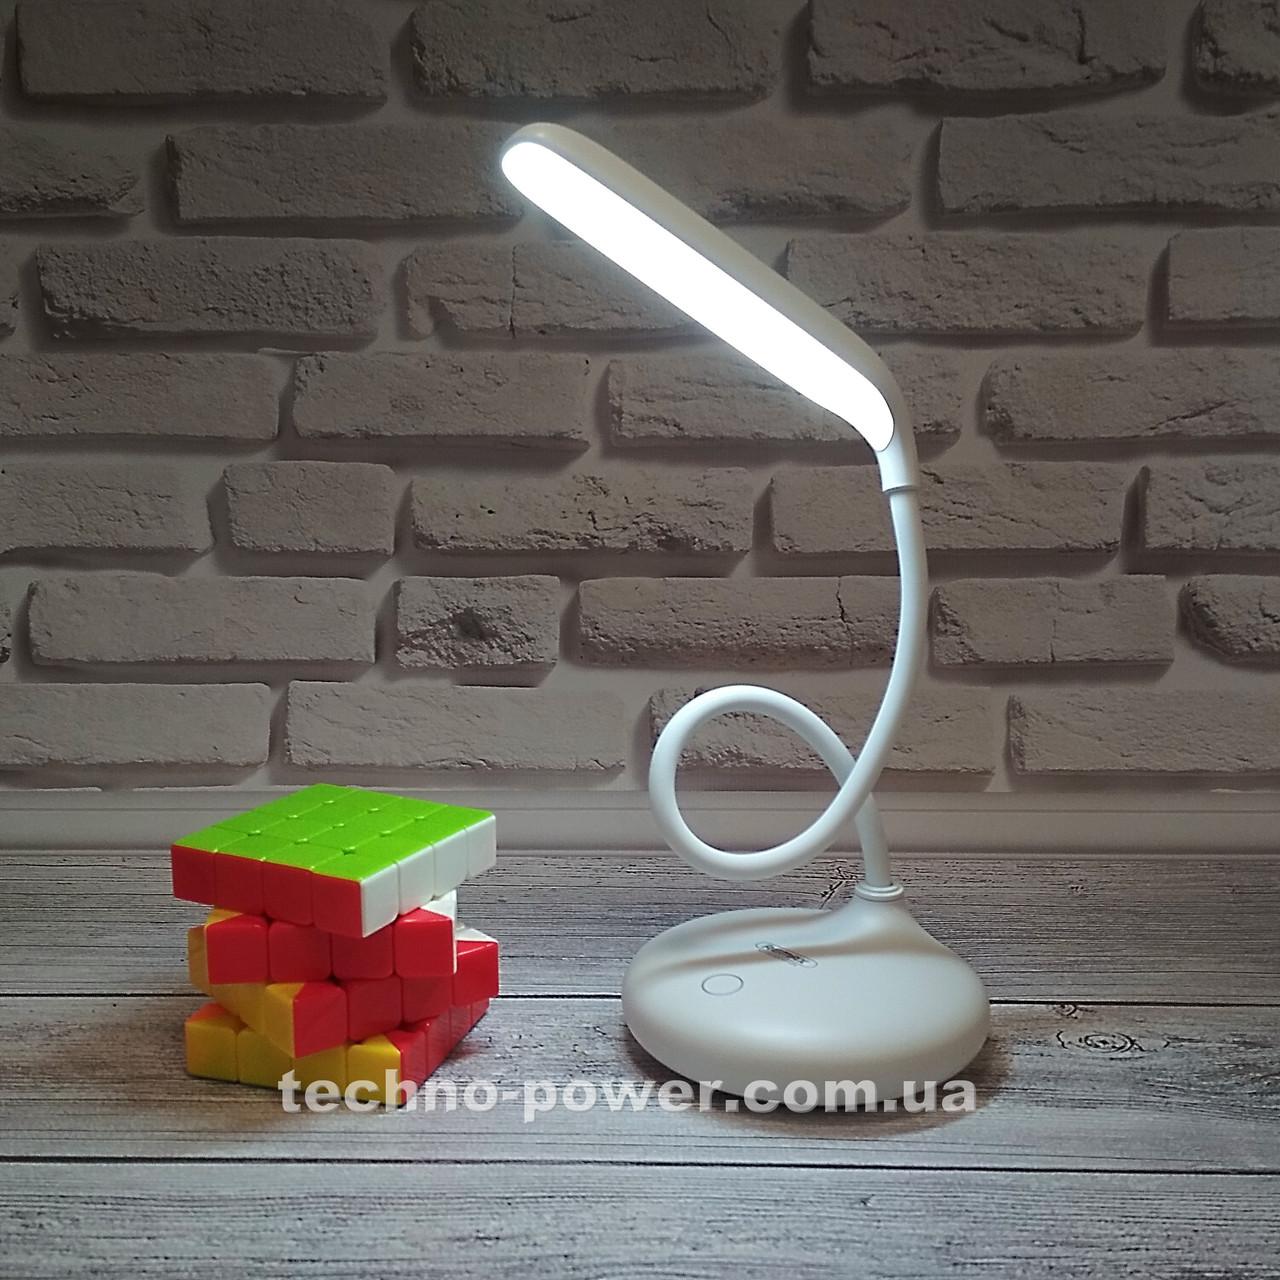 Настольная лампа Remax RT-E190 Dawn LED Lamp c аккумулятором. Портативная сенсорная лампа